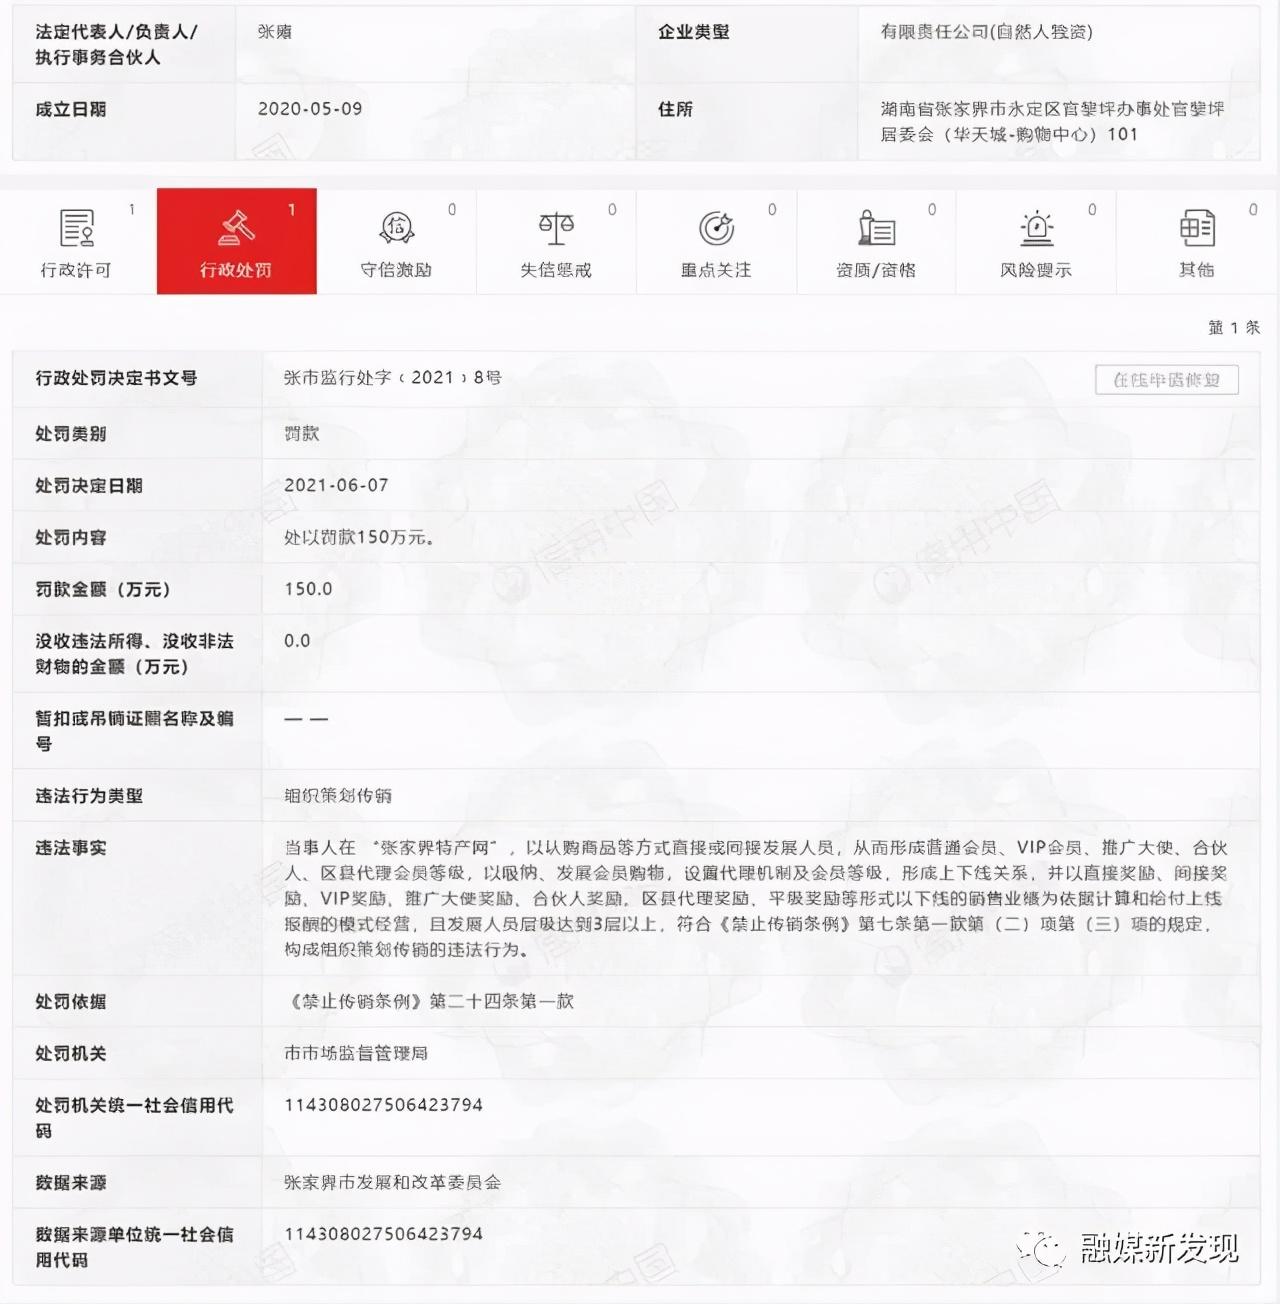 """""""张家界特产网""""因""""组织策划传销""""被罚款150万元"""